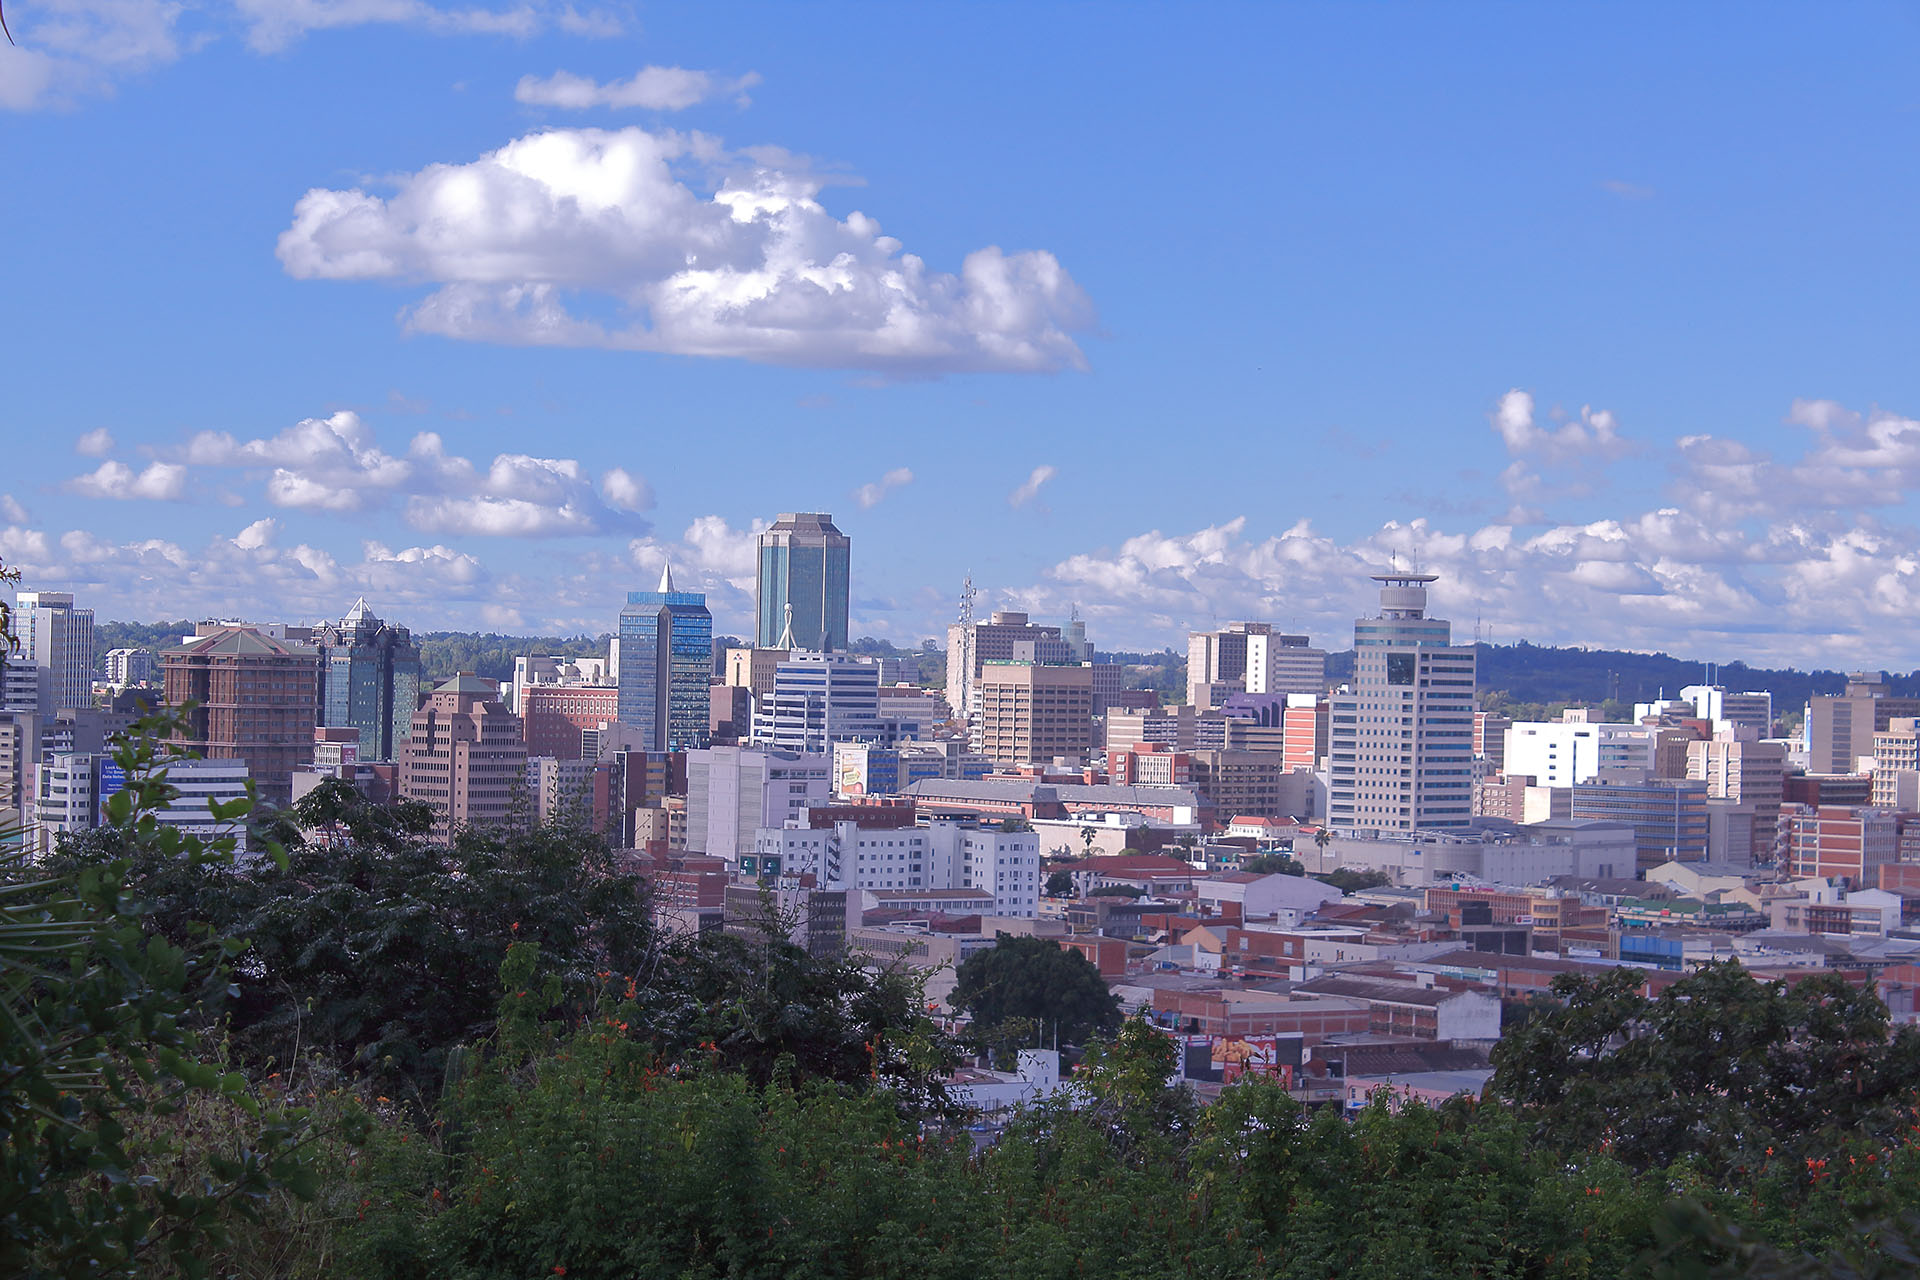 Con una población total de 1.600.000 habitantes y la crisis económica que enfrenta fueron determinantes para posicionarlo en el séptimo lugar del ranking